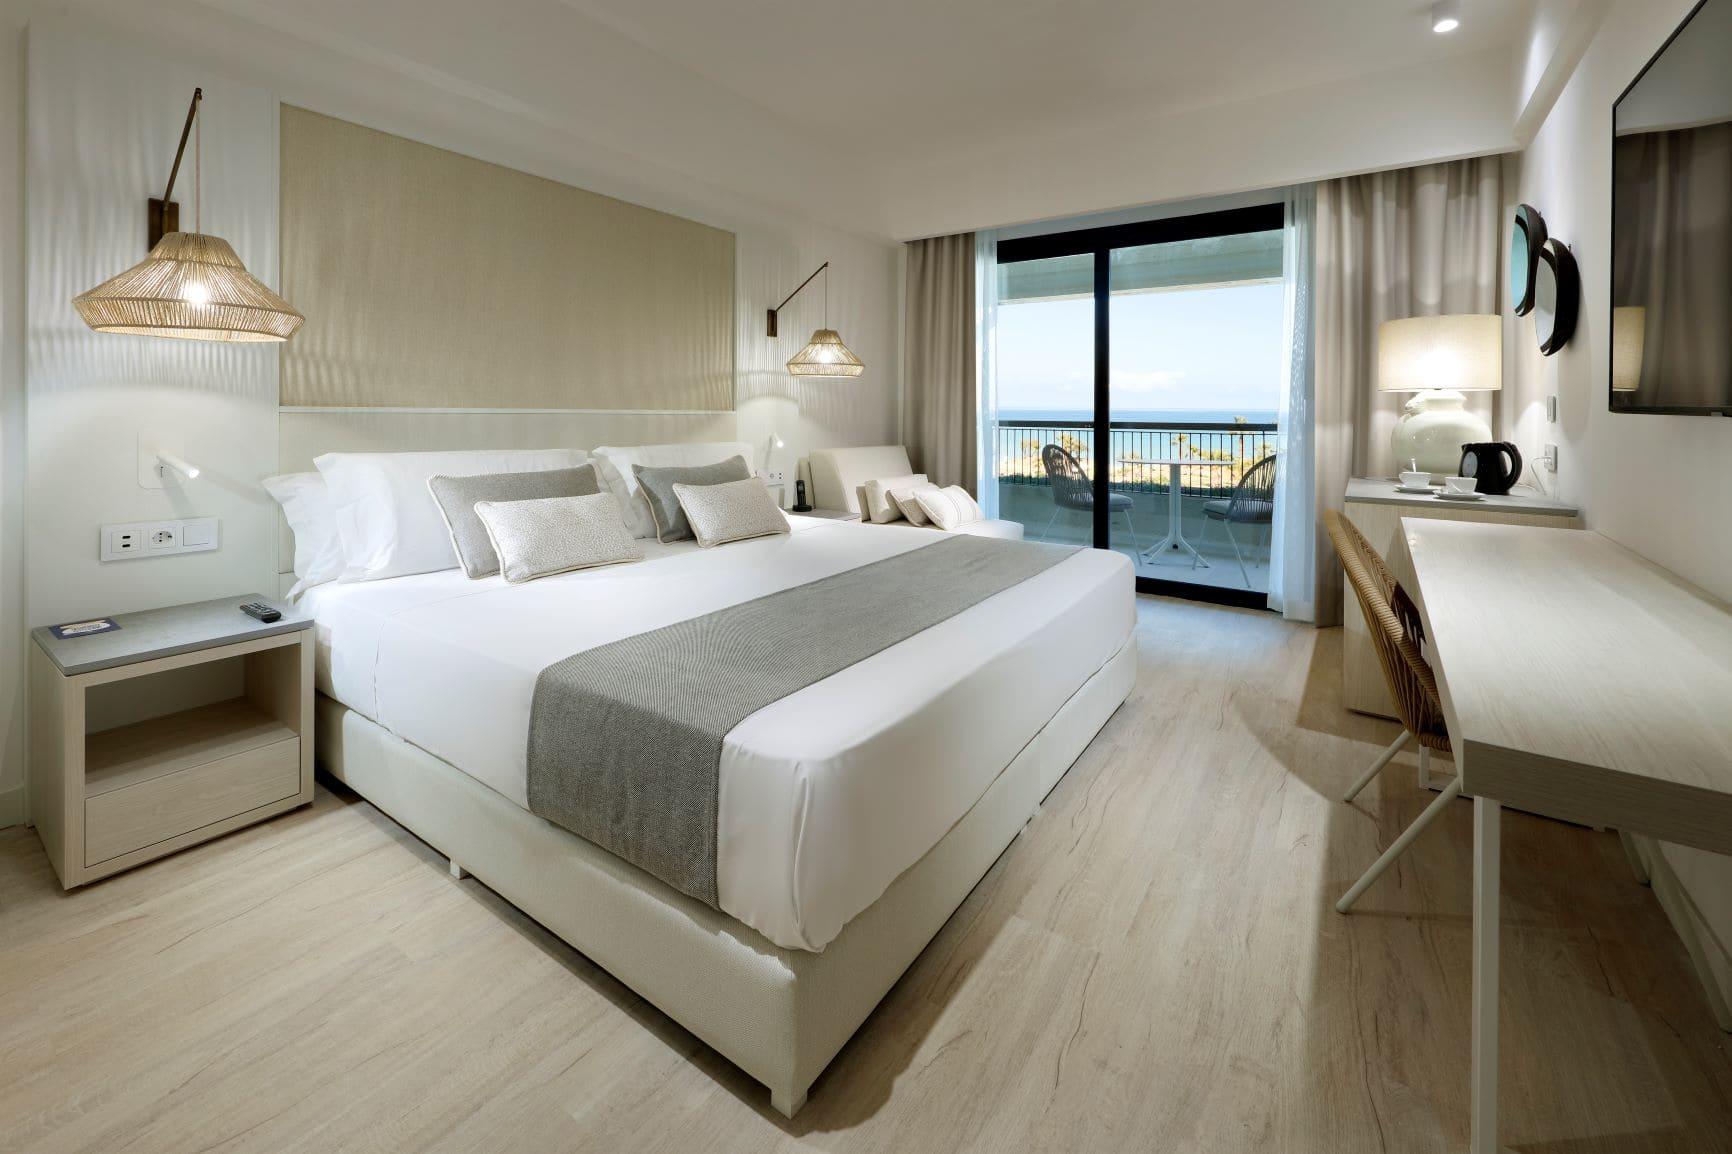 Zimmer im Palladium Resort auf Sizilien